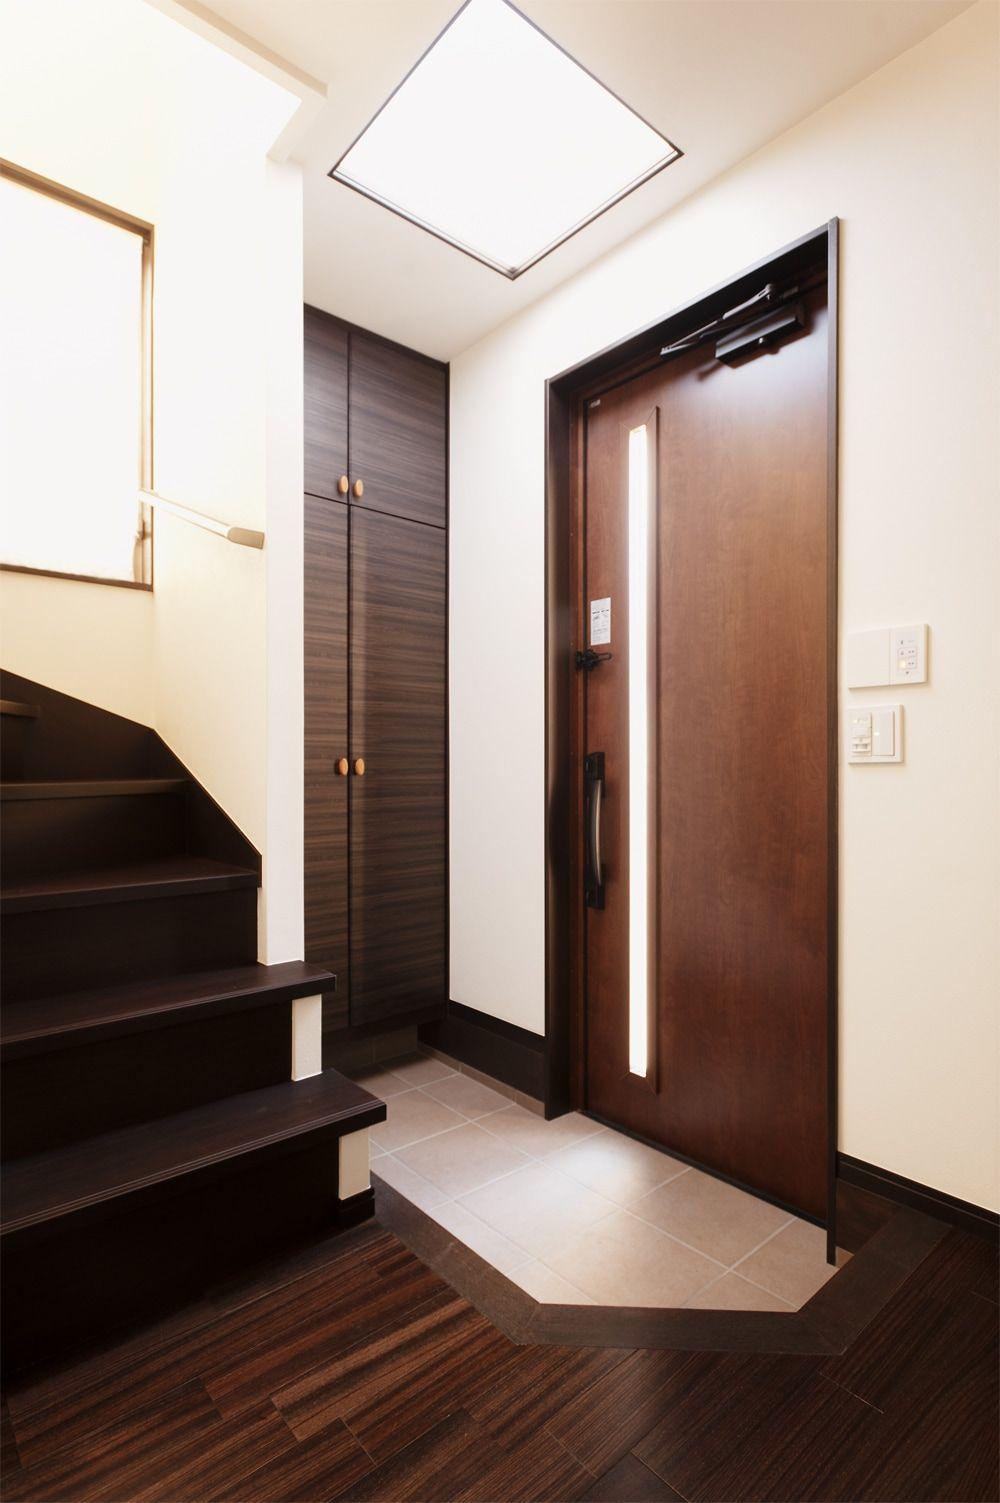 リフォーム リノベーションの事例 玄関 施工事例no 379生活の中心ldkを2階へ移動 光と風があふれる空間に スタイル工房